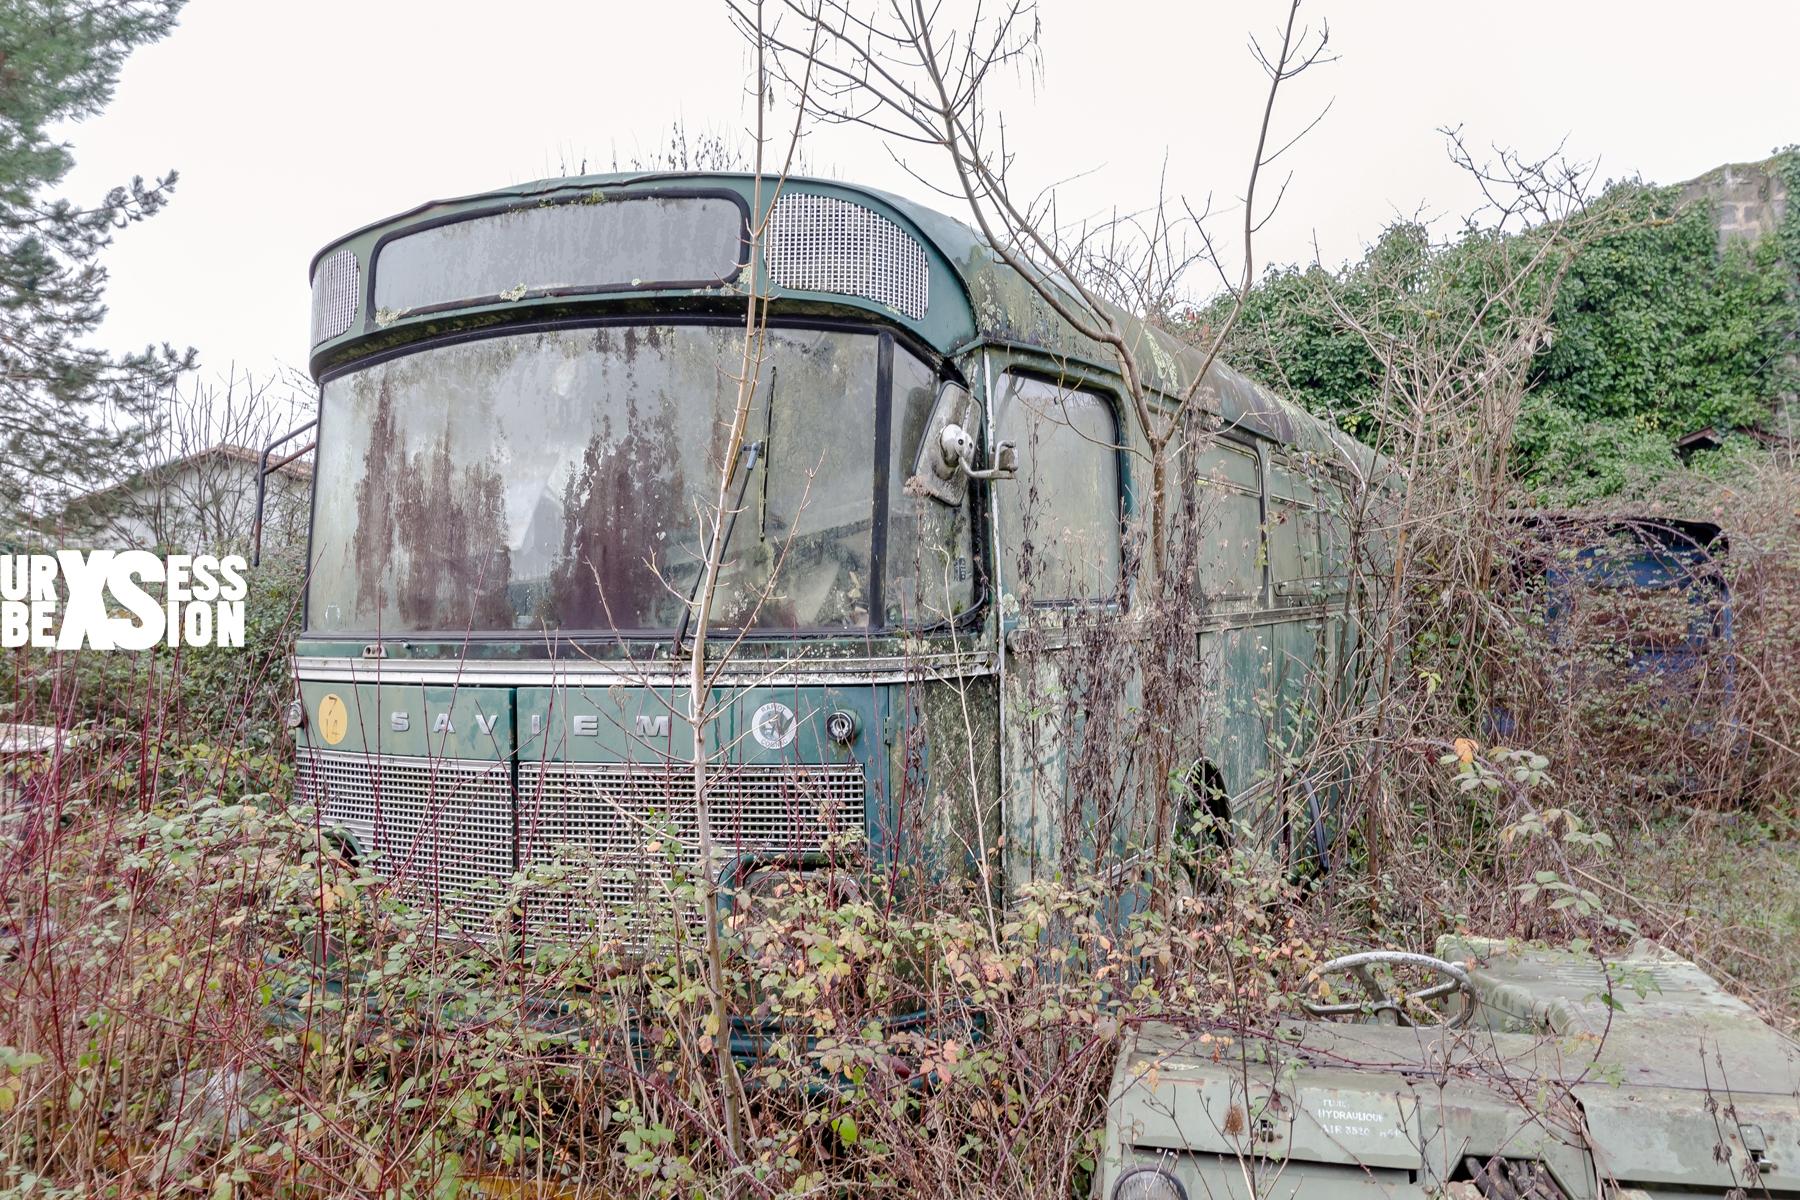 Usine abandonnée et cimetière de véhicules situés en Gironde | urbexsession.com/papeterie-vinet | Urbex France